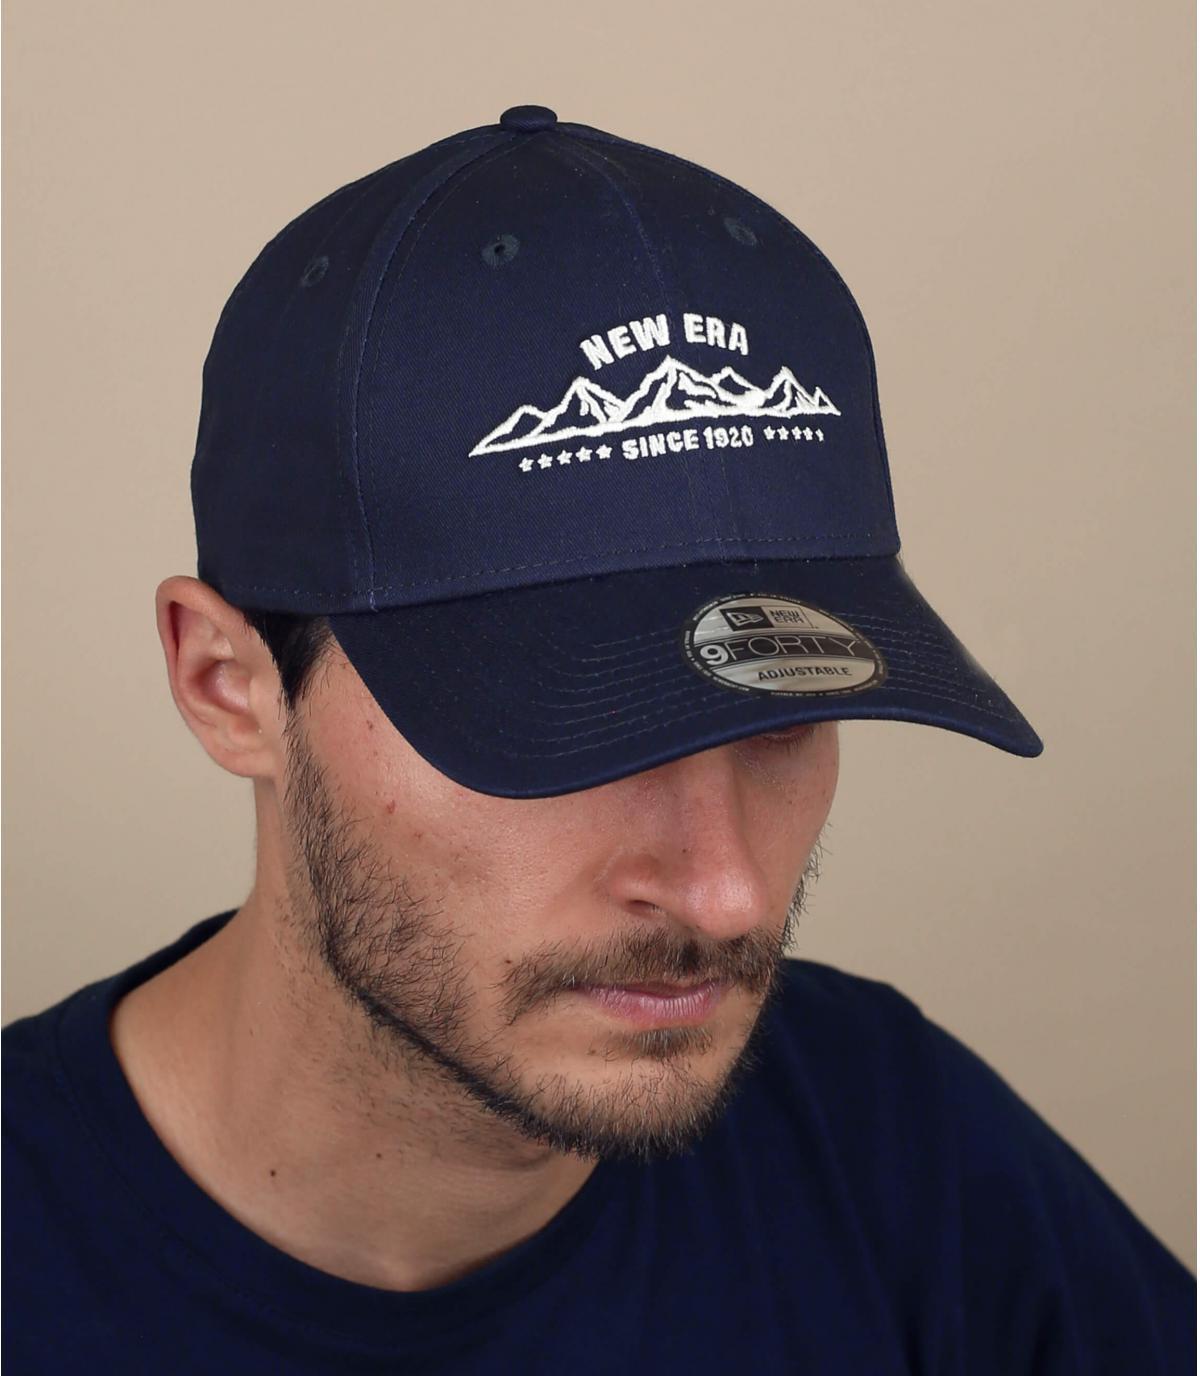 New Era mountain cap